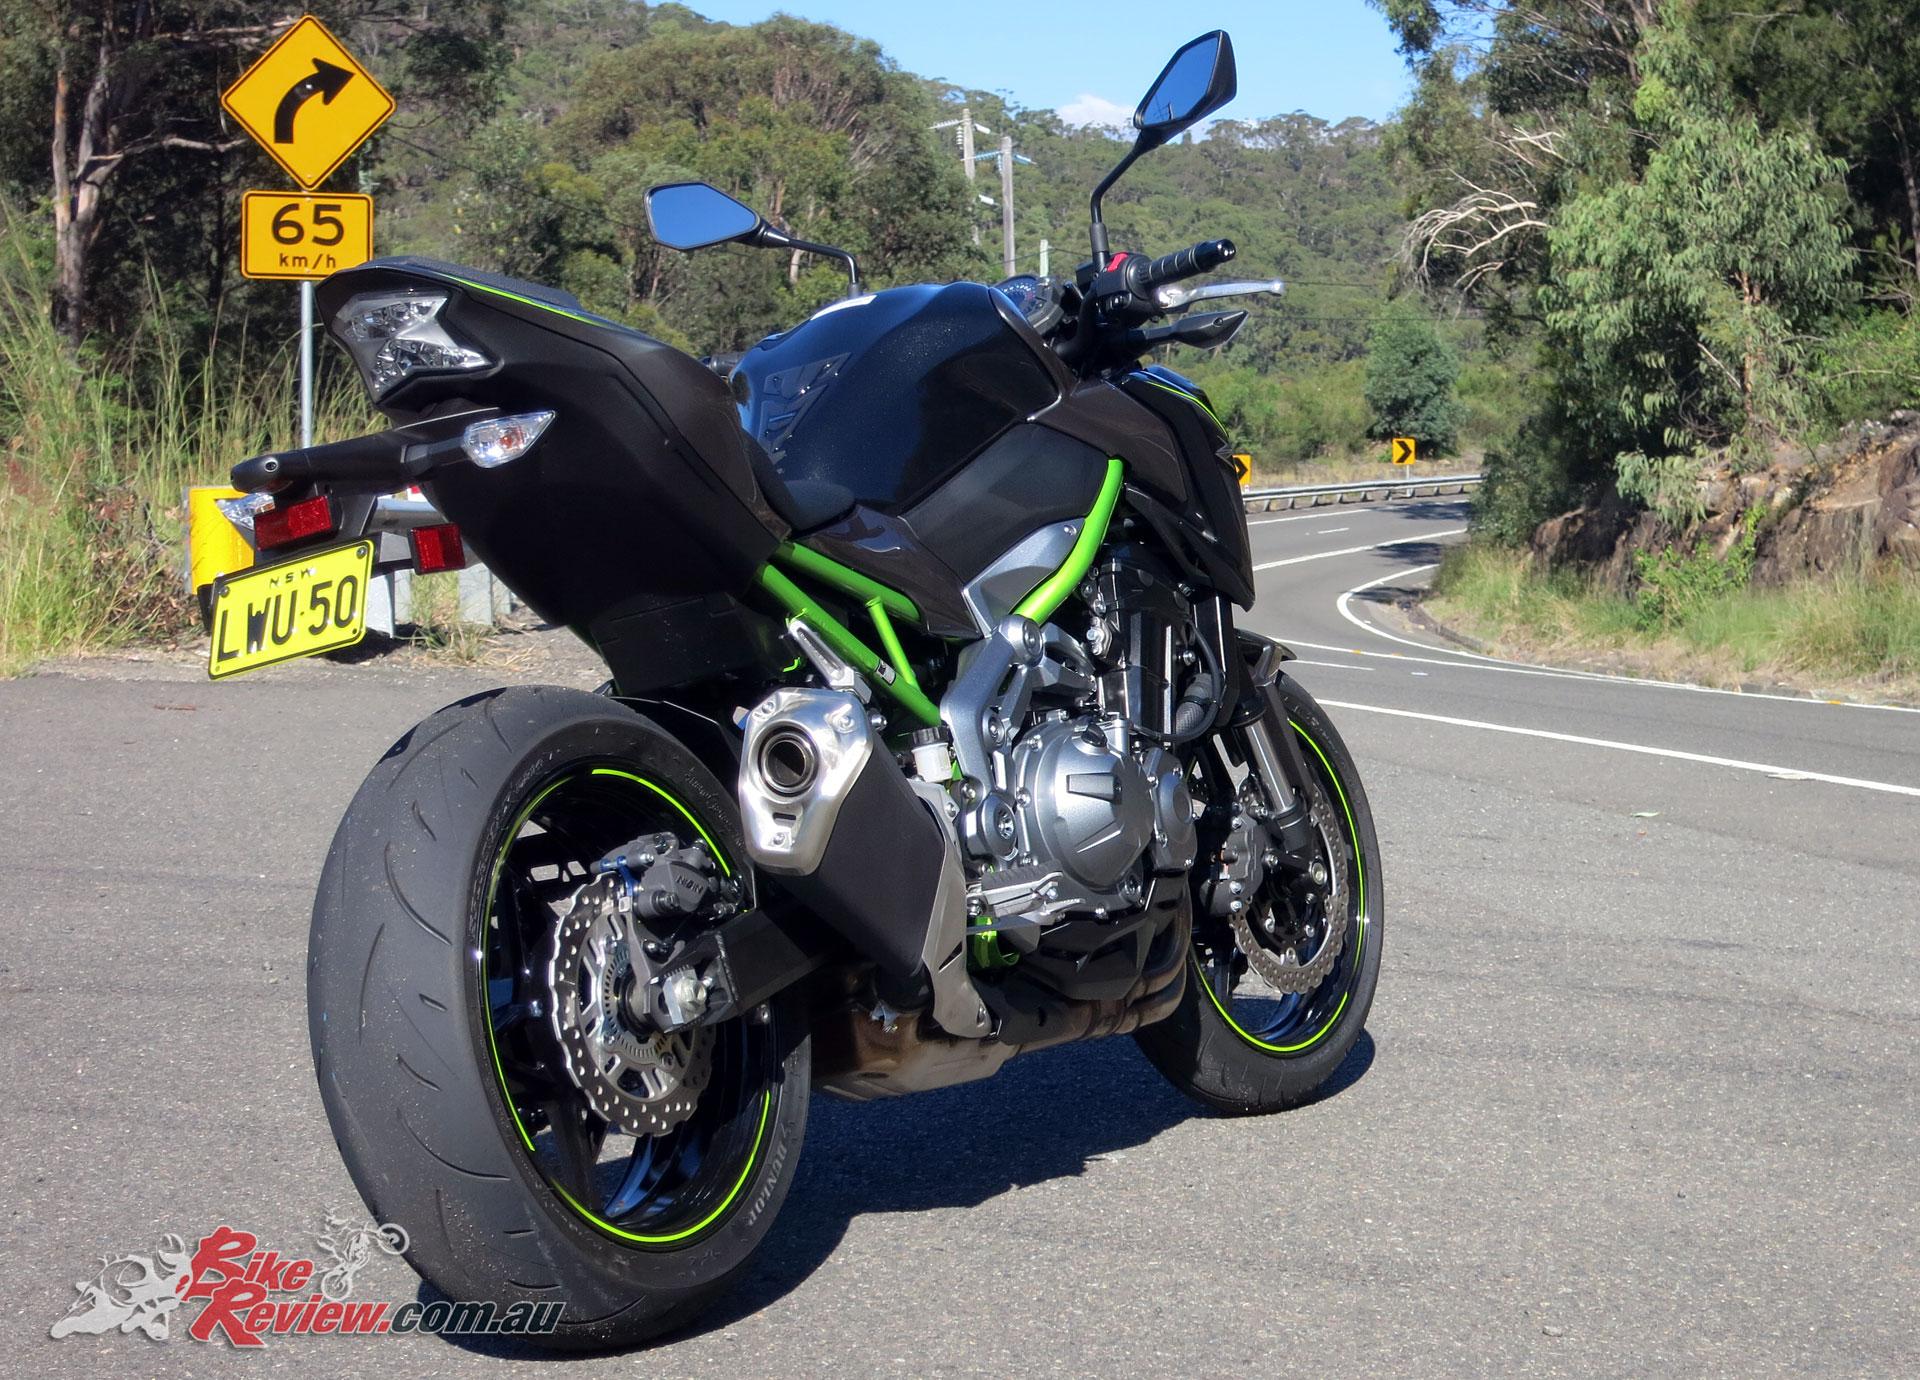 Kawasaki have got the balance between sports and naked just right